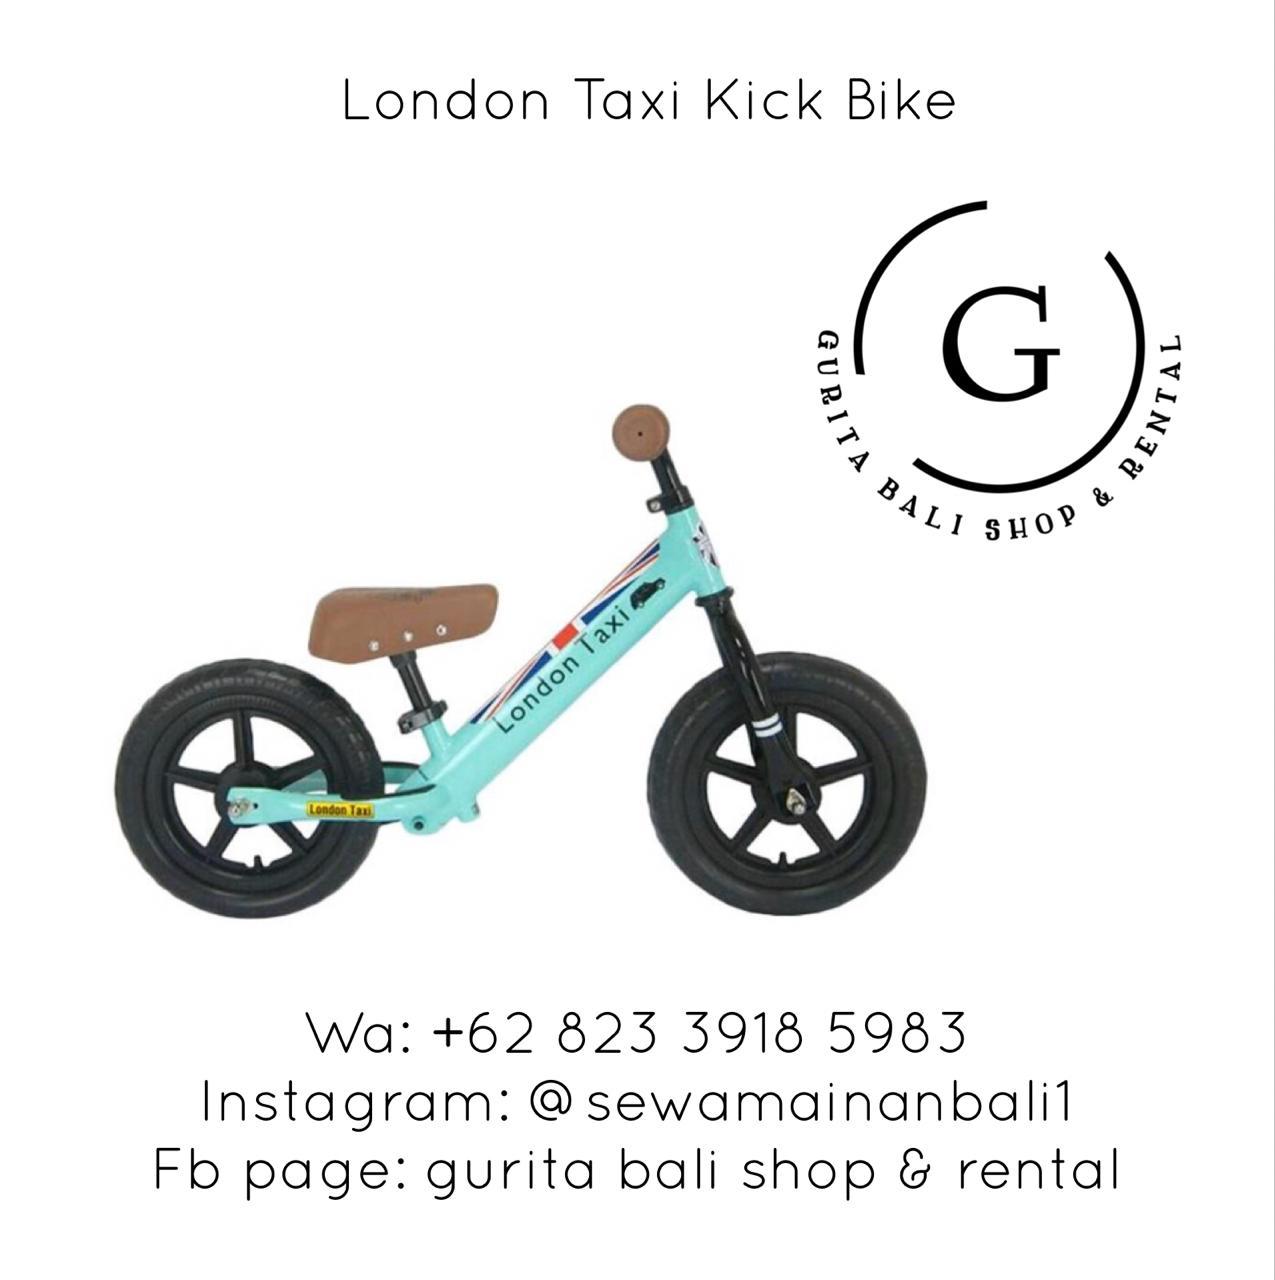 LONDON TAXI KICK BIKE 1